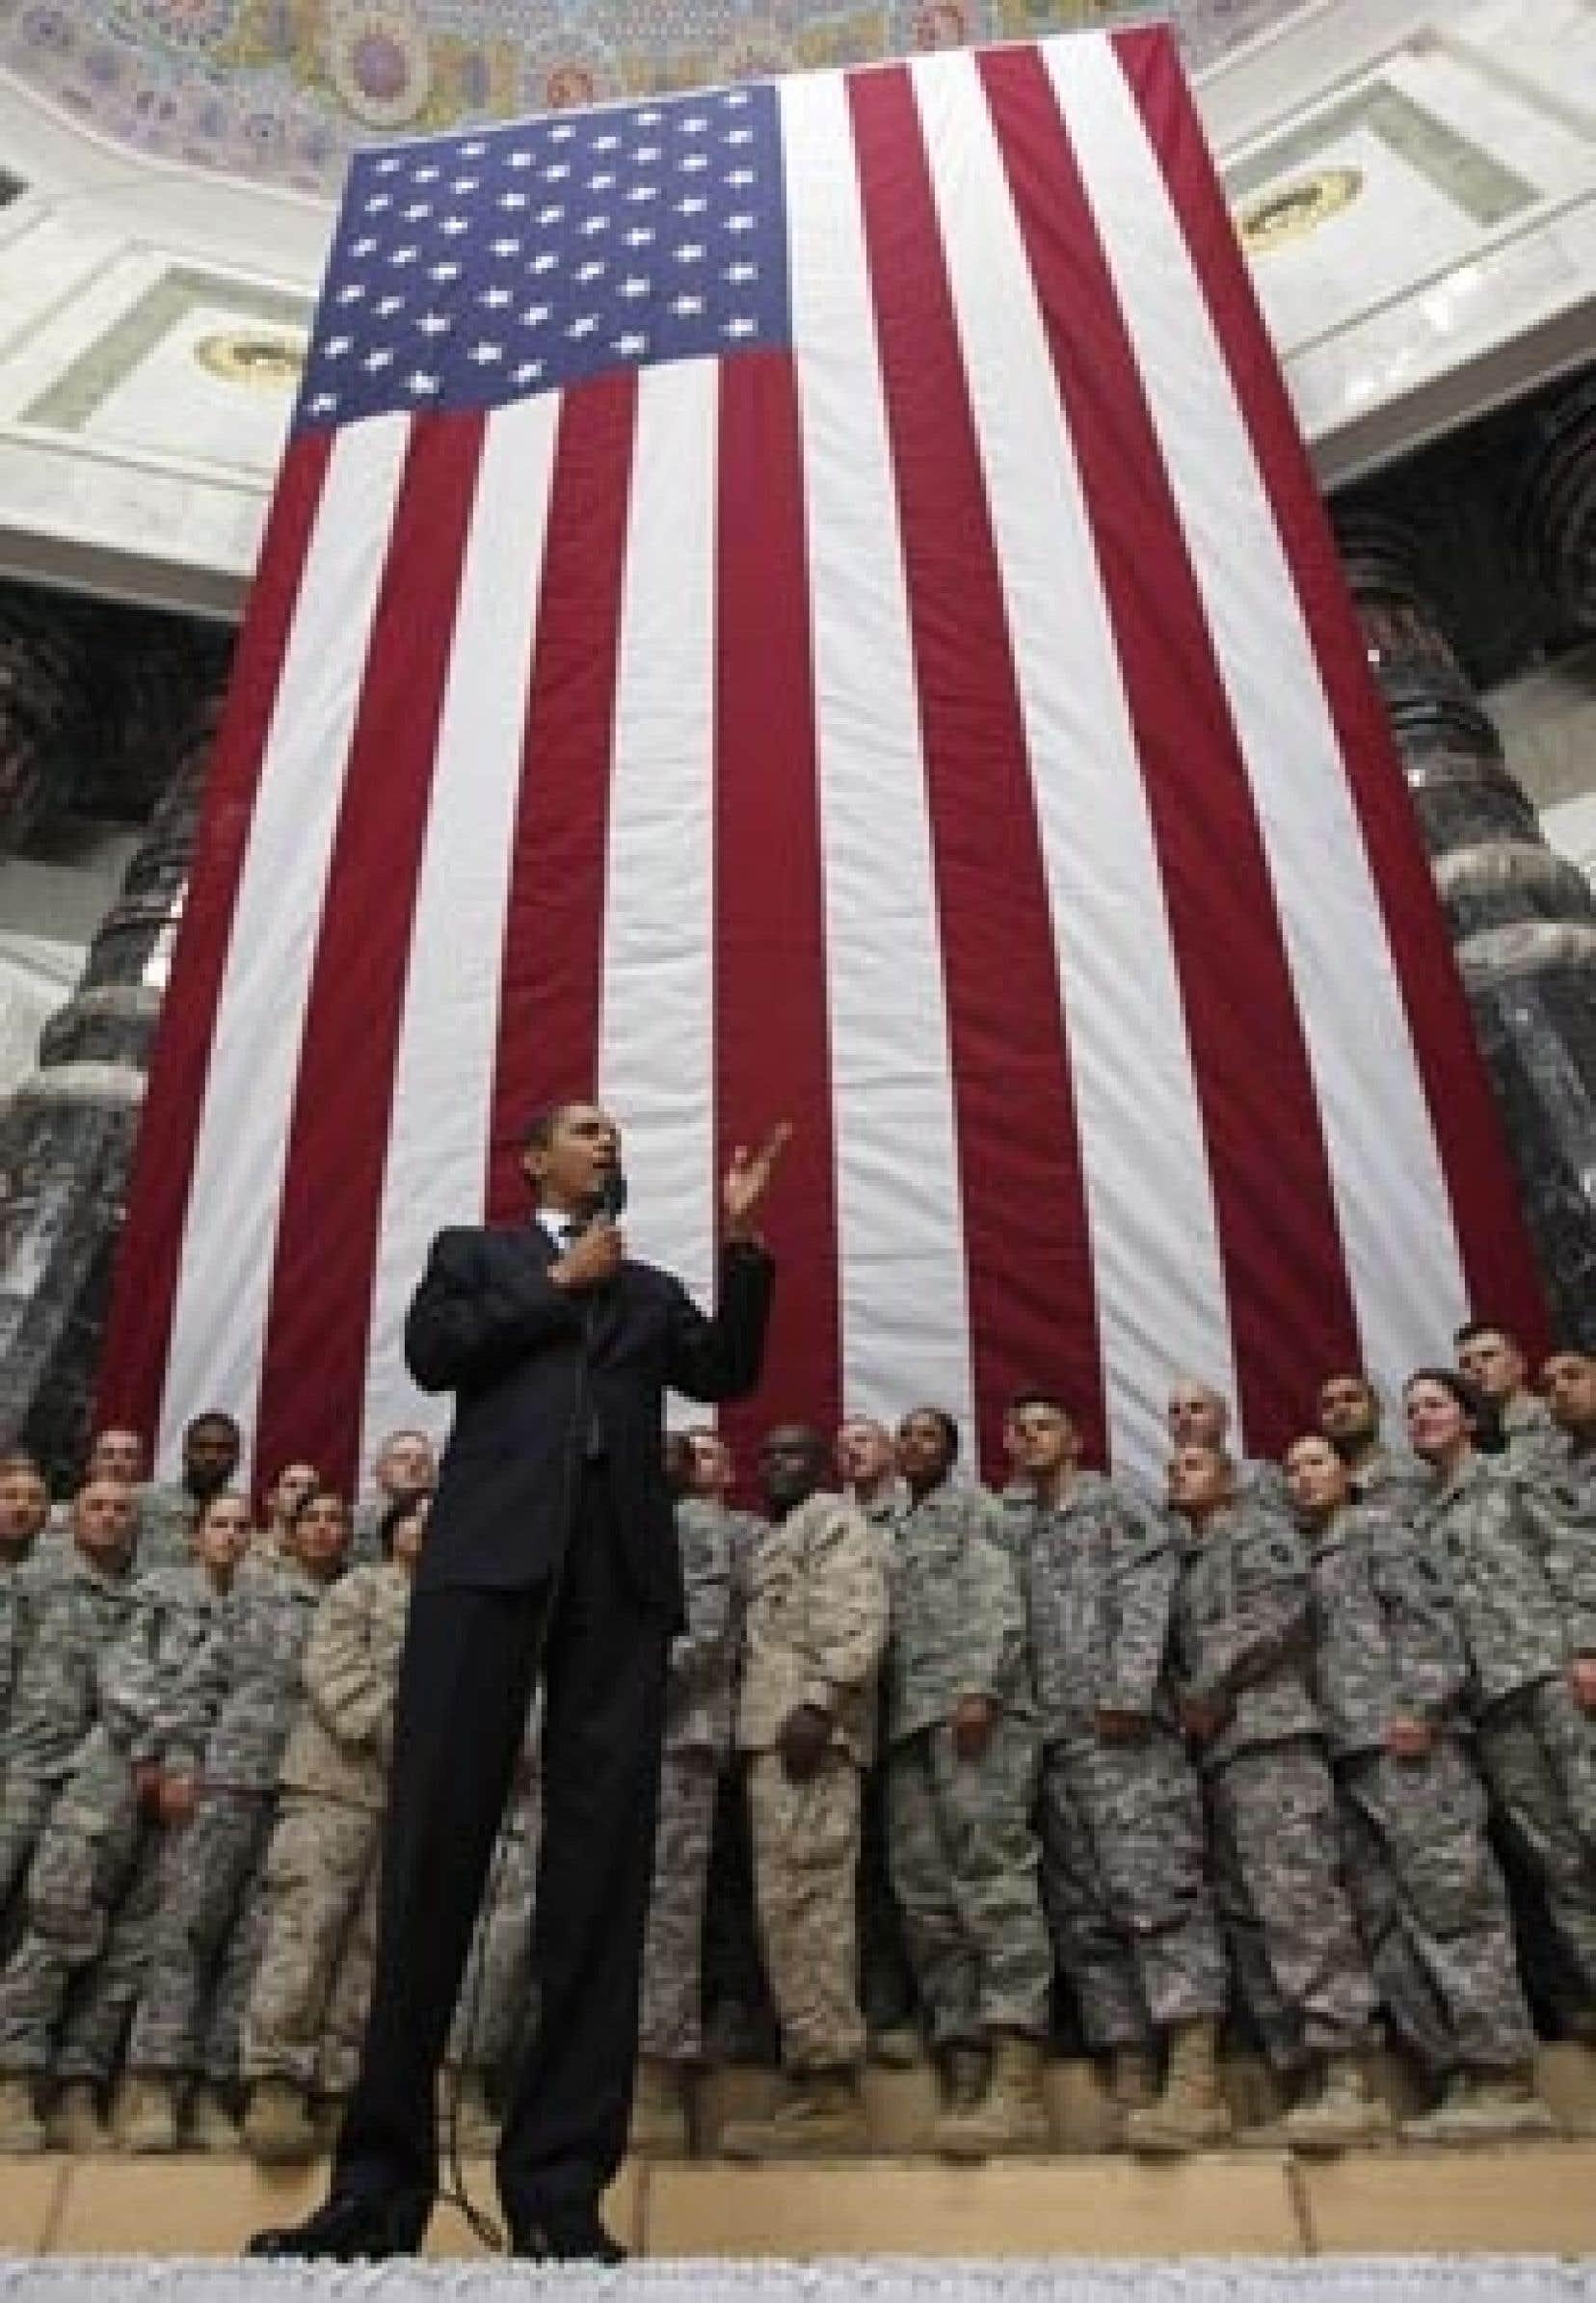 Le président Barack Obama a profité de son périple en Europe pour se rendre en Irak visiter les troupes américaines.